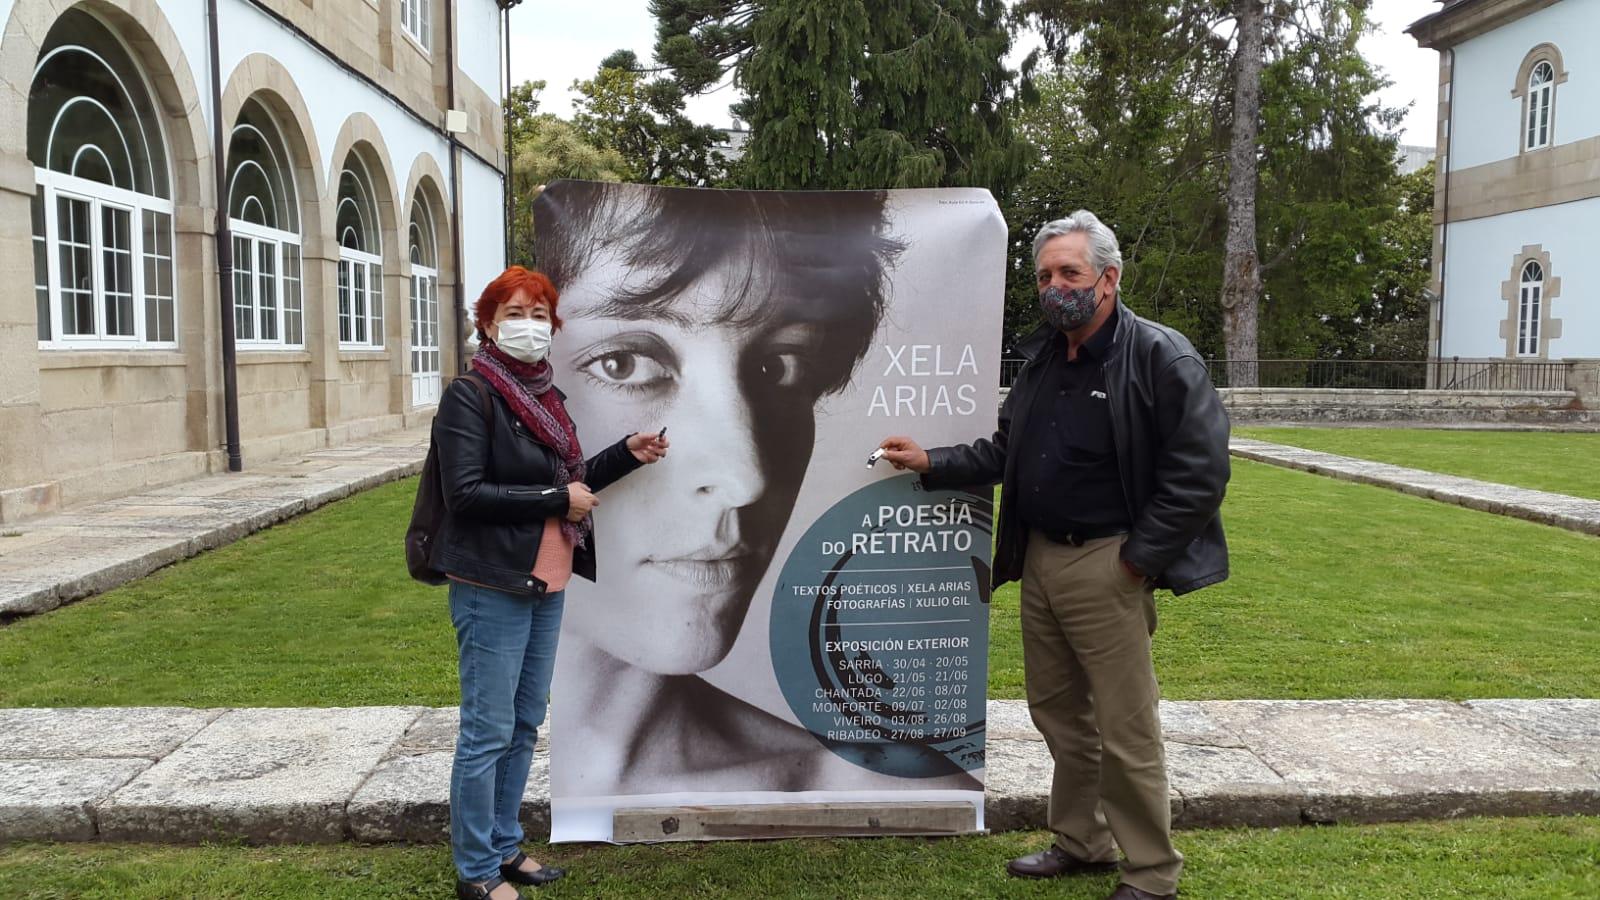 """A Vicepresidencia colaborou co documental """"Vencerse é cousa de se tratar"""" sobre Xela Arias, que se emitirá este domingo na TVG"""